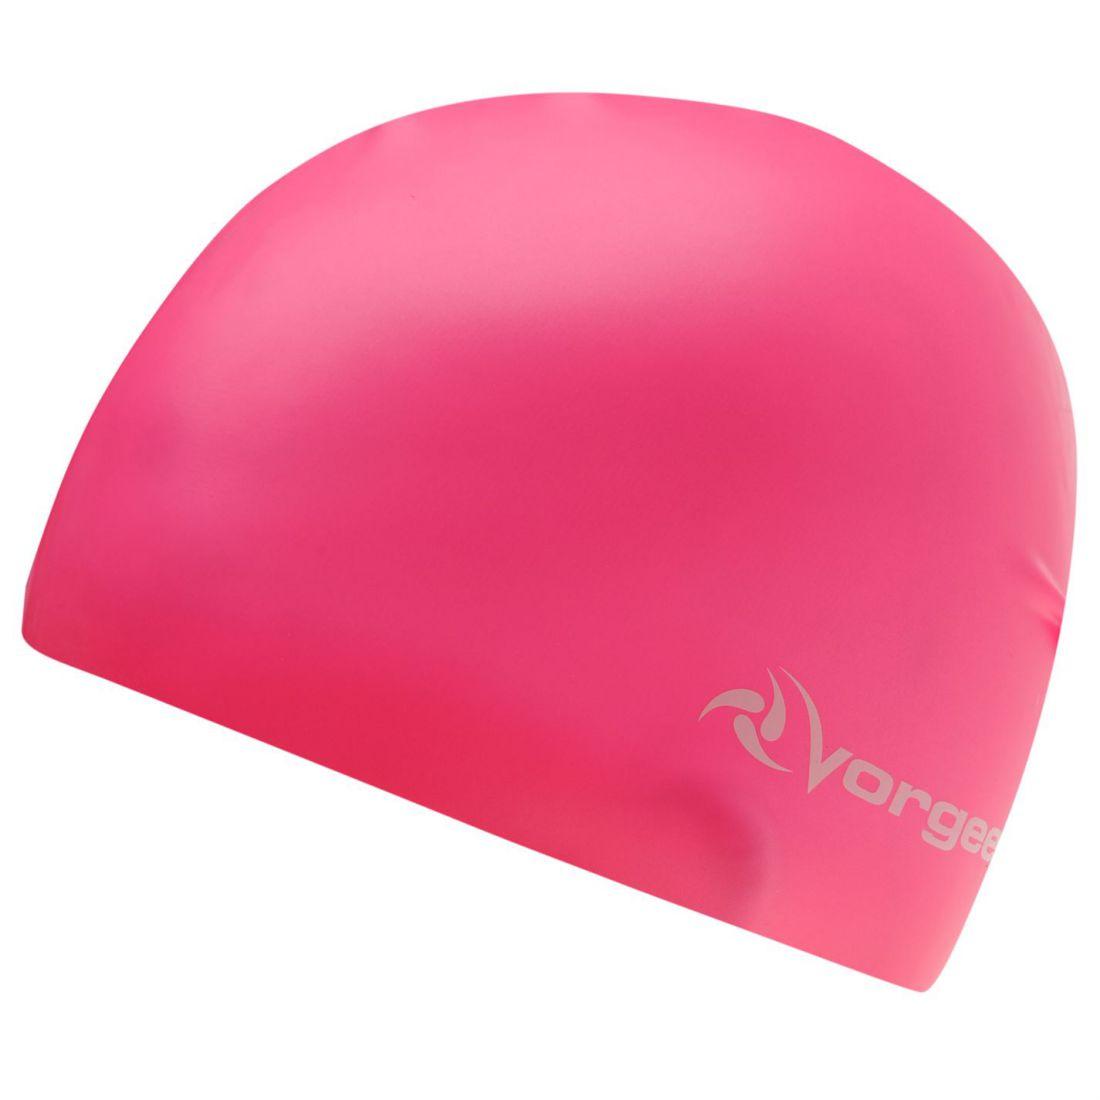 Vorgee Unisex Super Flex Swimming Cap Durable Design Lightweight Fit Swim Hat